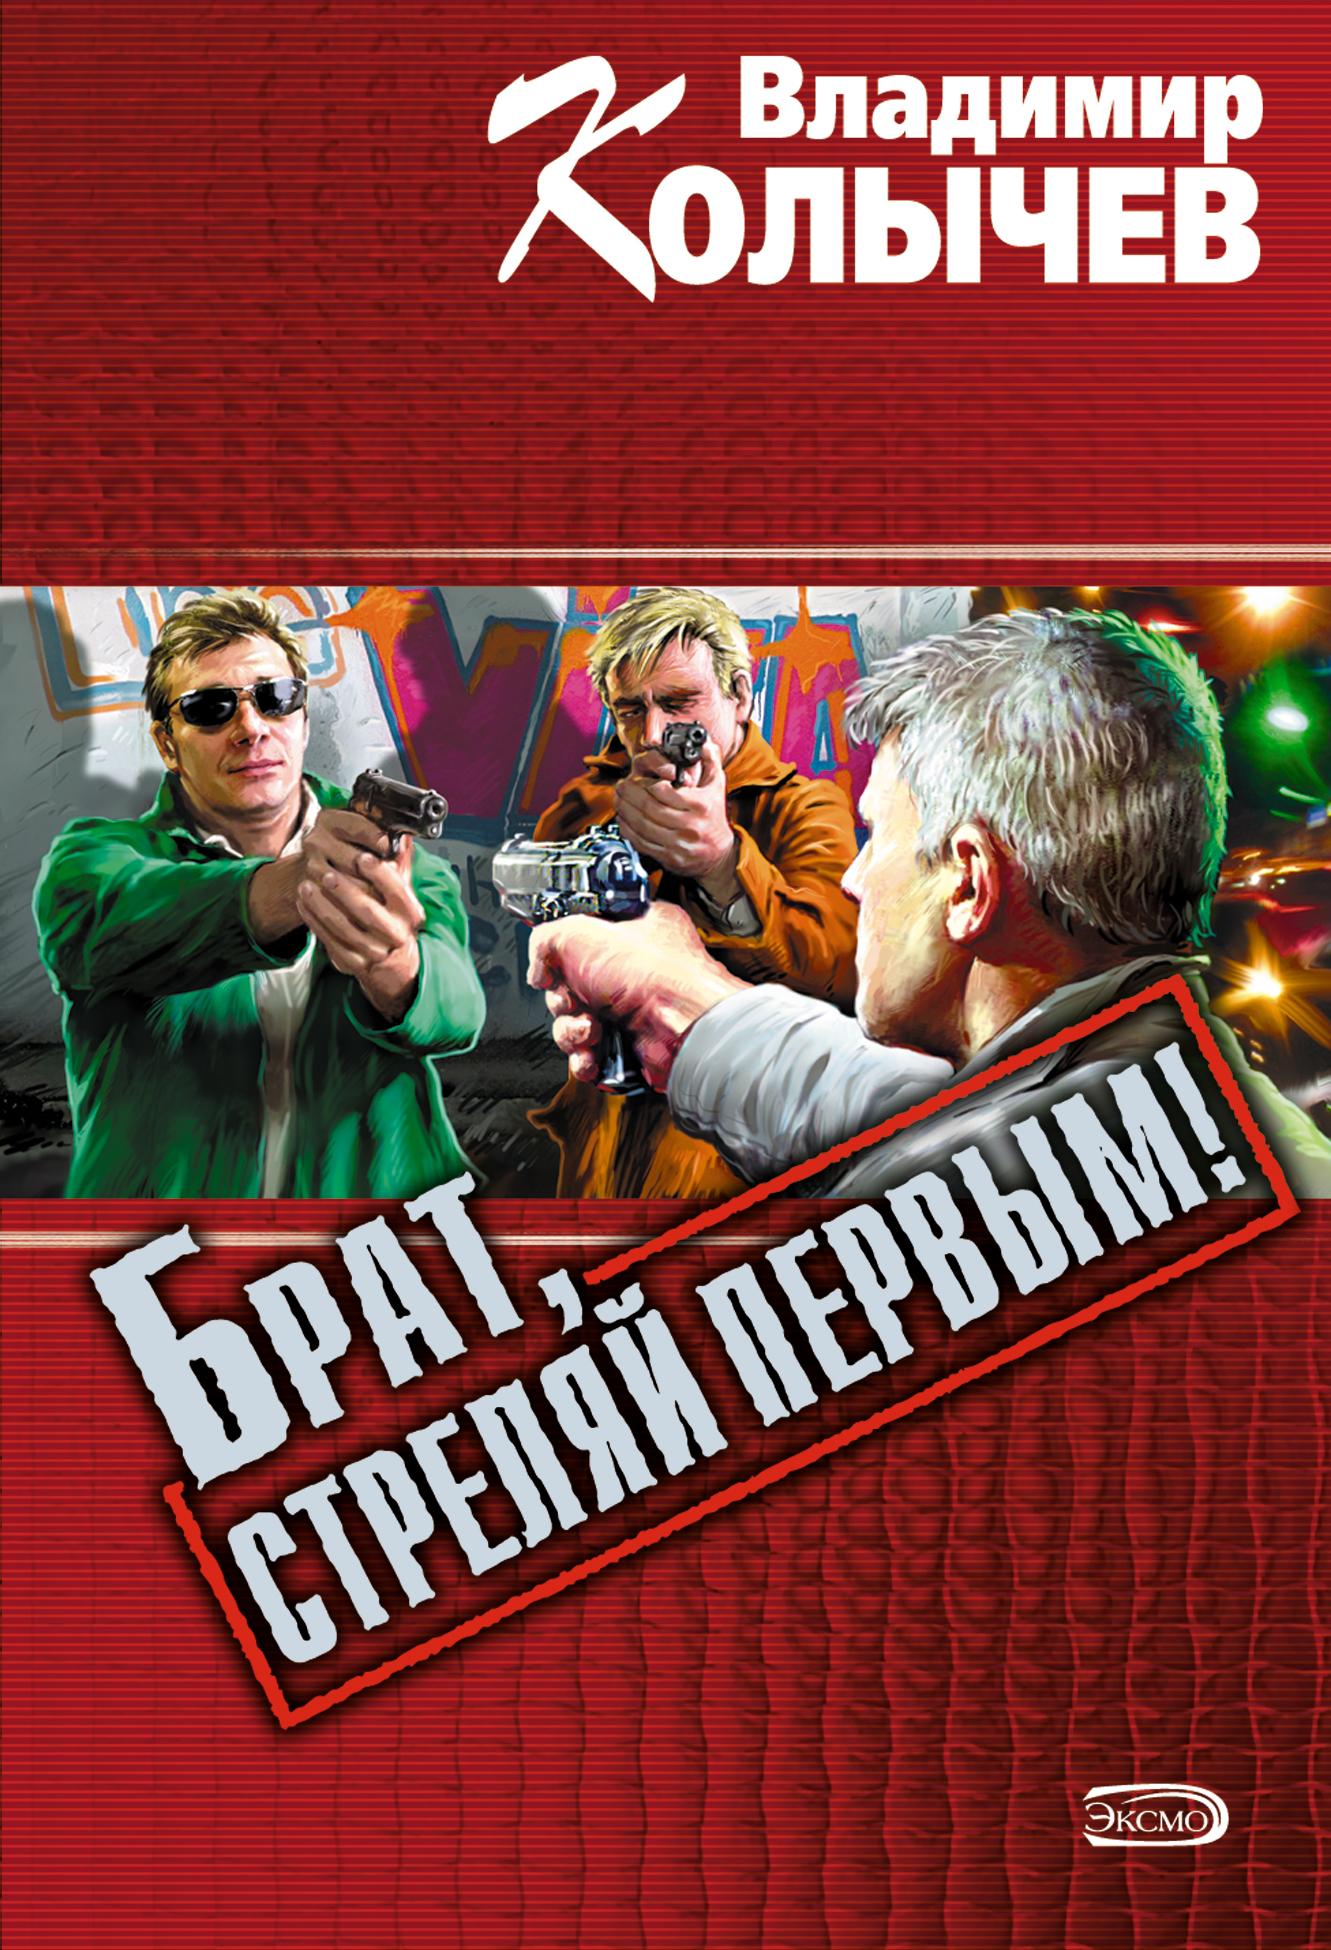 Владимир Колычев Брат, стреляй первым! цена 2017